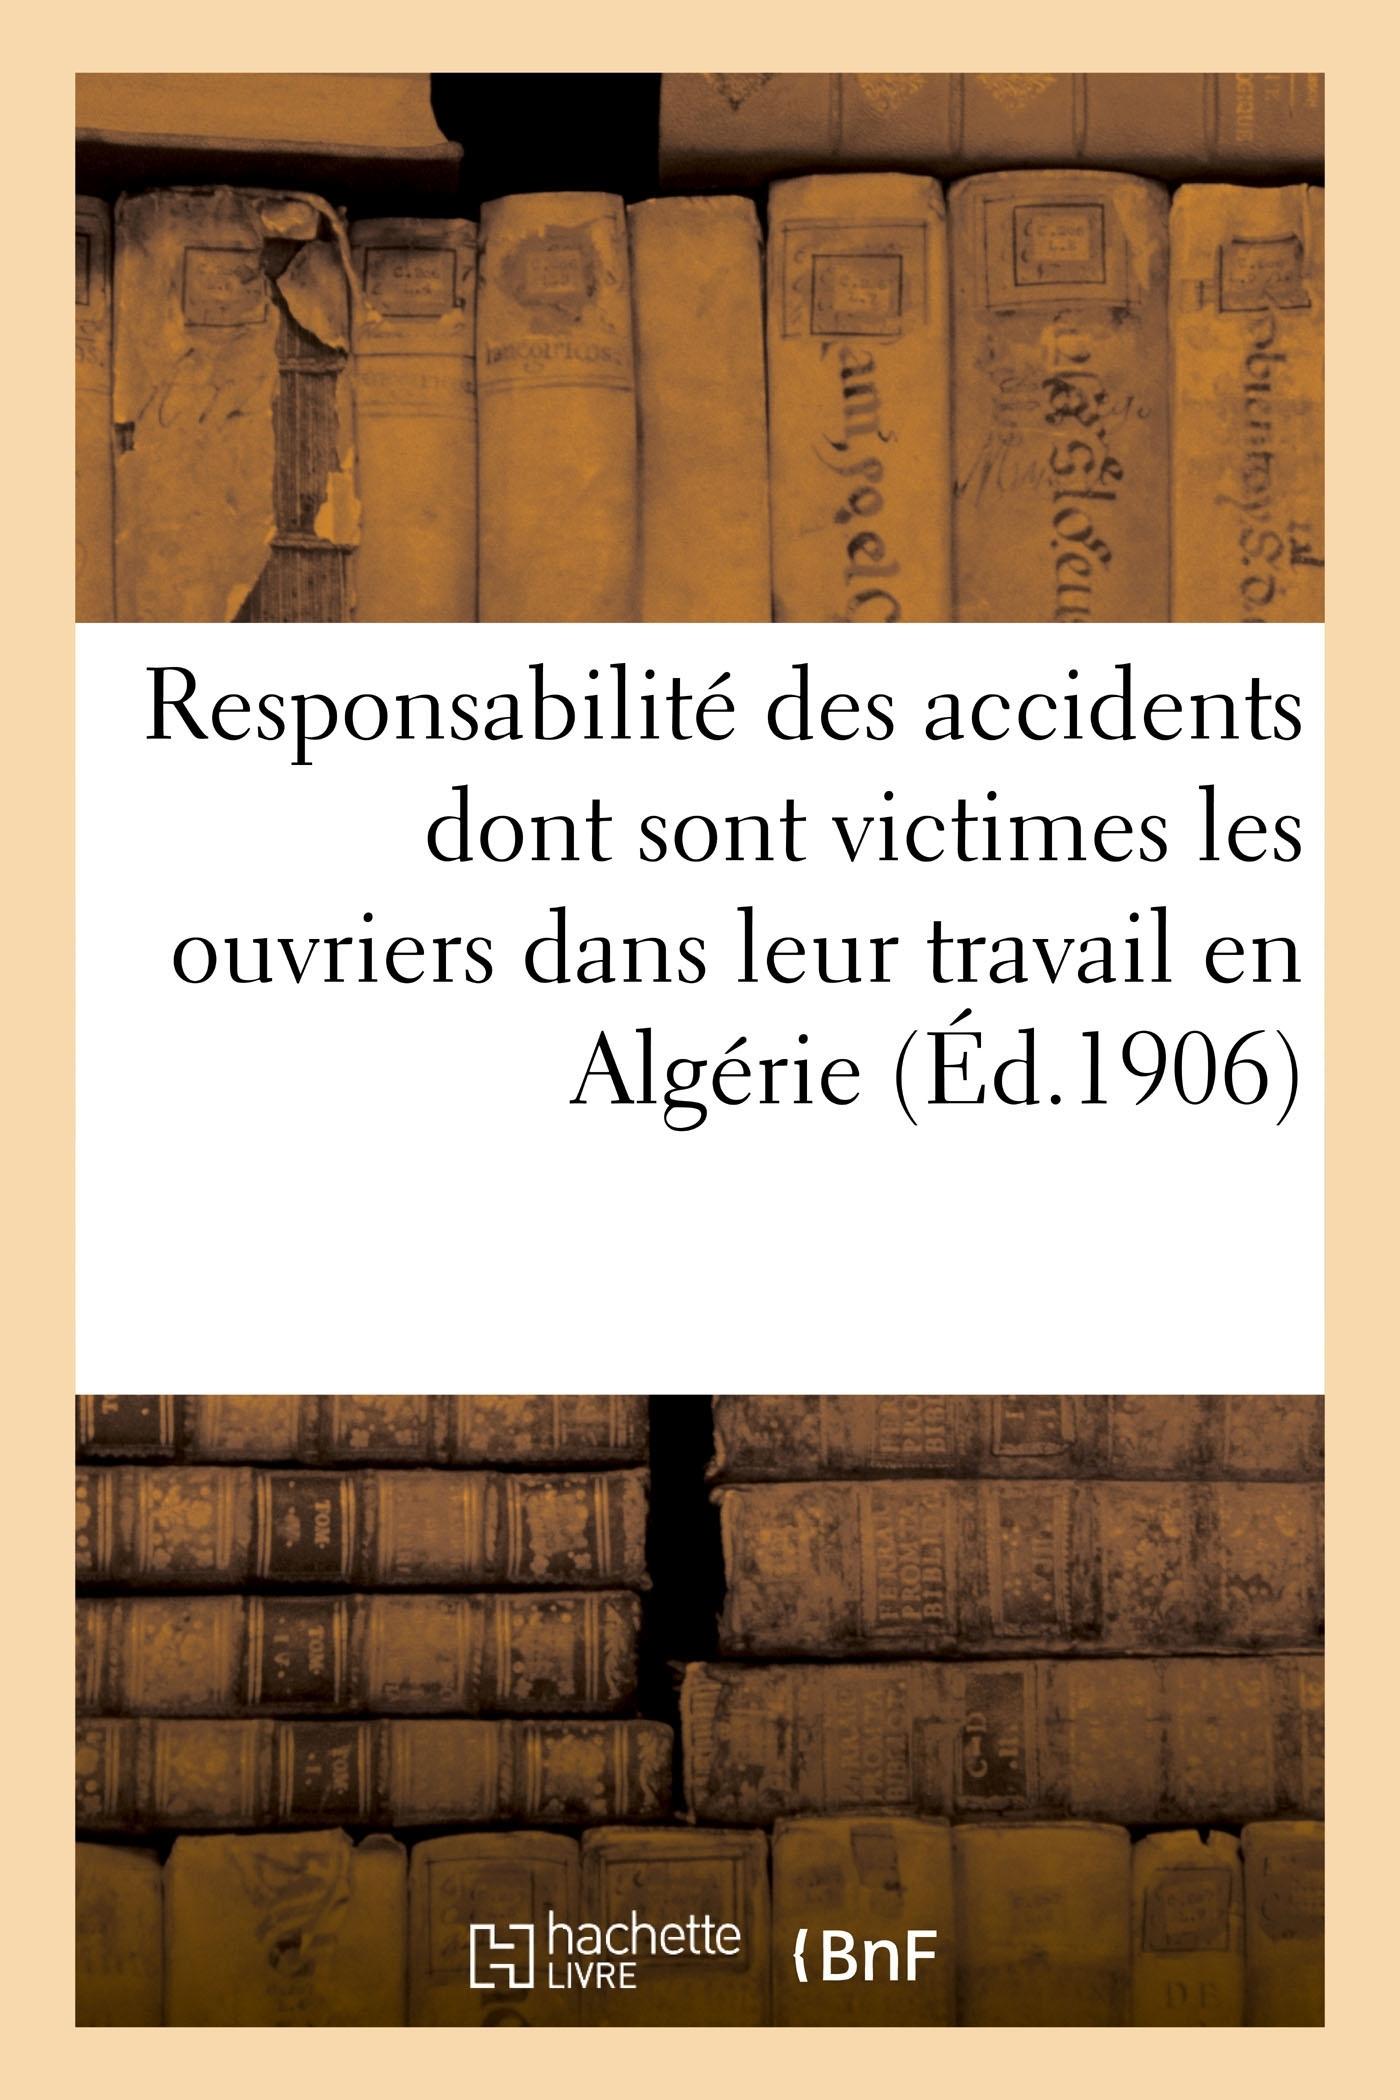 SUR LE PROJET DE LOI CONCERNANT LES RESPONSABILITE DES ACCIDENTS - DONT SONT VICTIMES LES OUVRIERS D